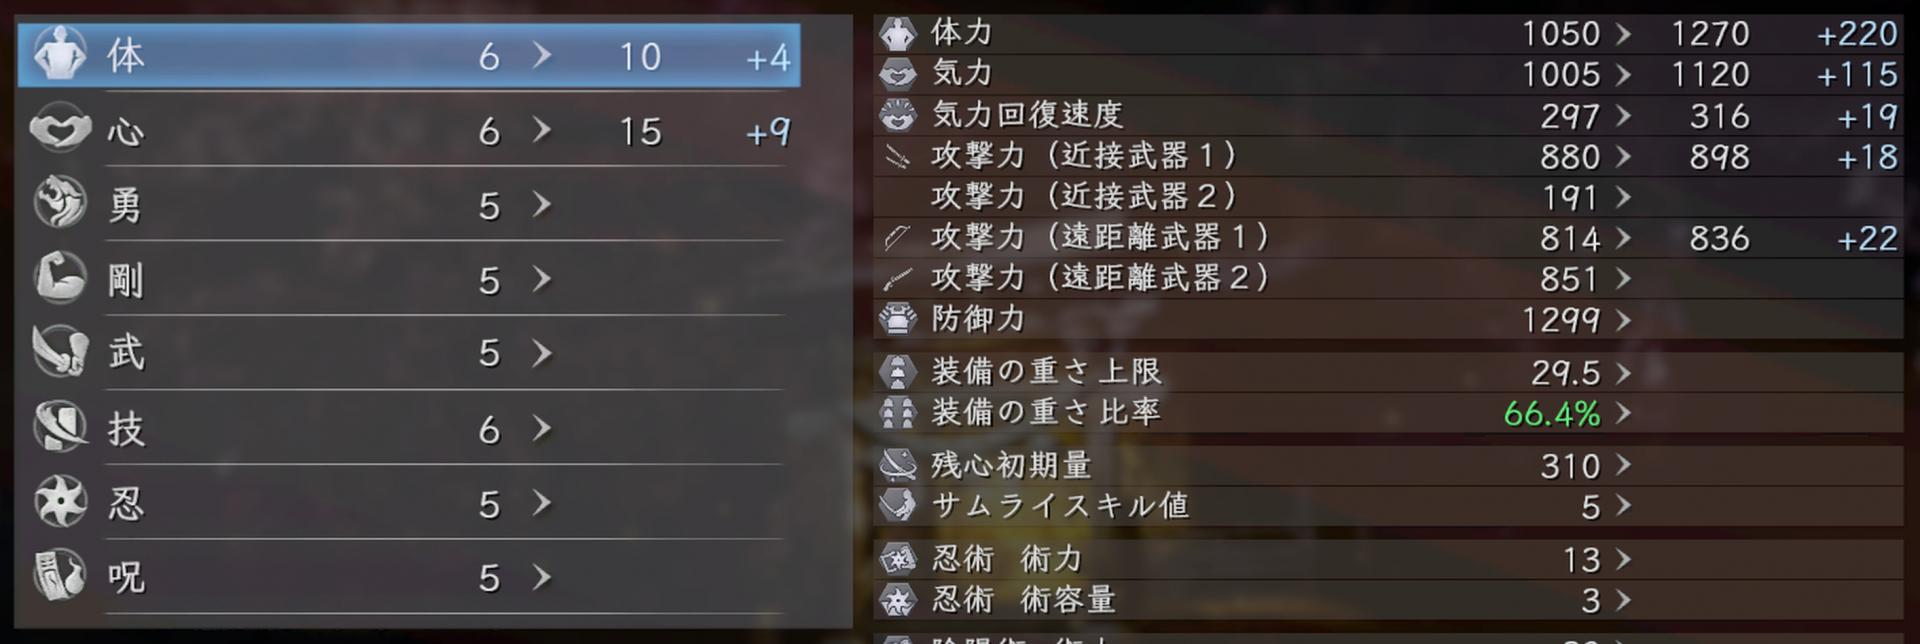 仁王2鎖鎌